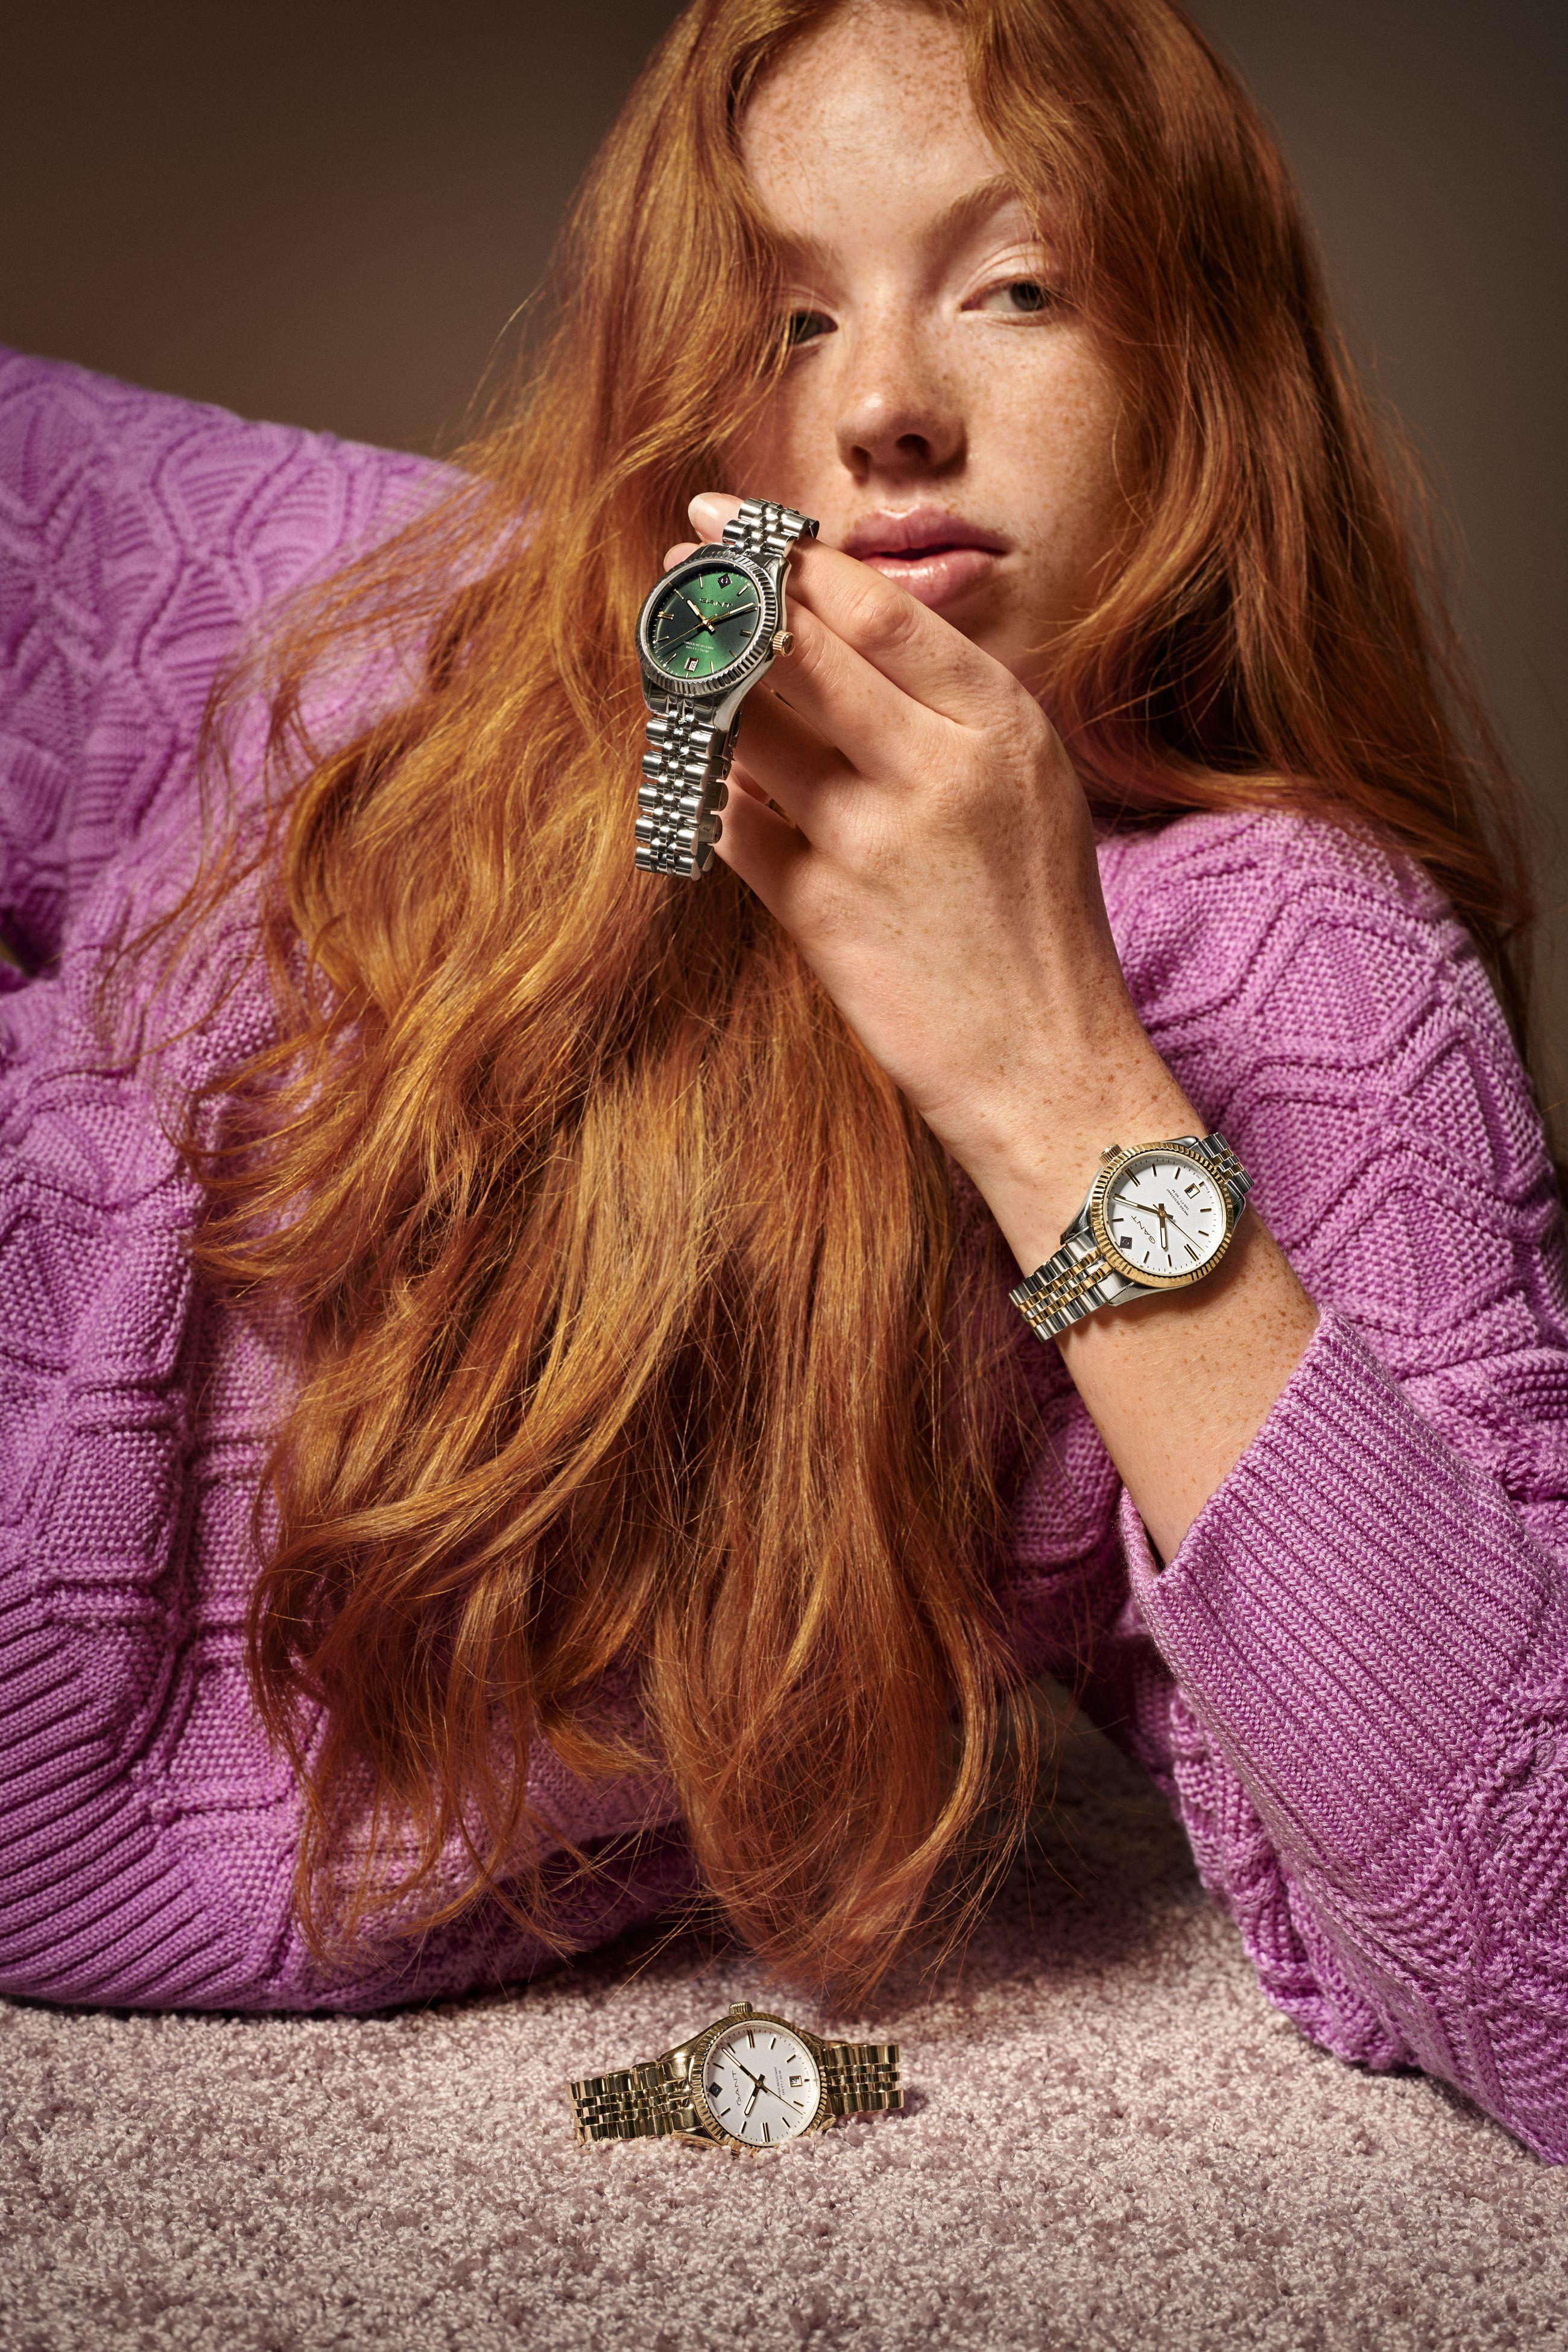 Kultatuvan valikoima on viime aikoina kasvanut Gant-merkin kelloilla. Gantin kellot ovat tunnettuja selkeälinjaisesta muotokielestään.